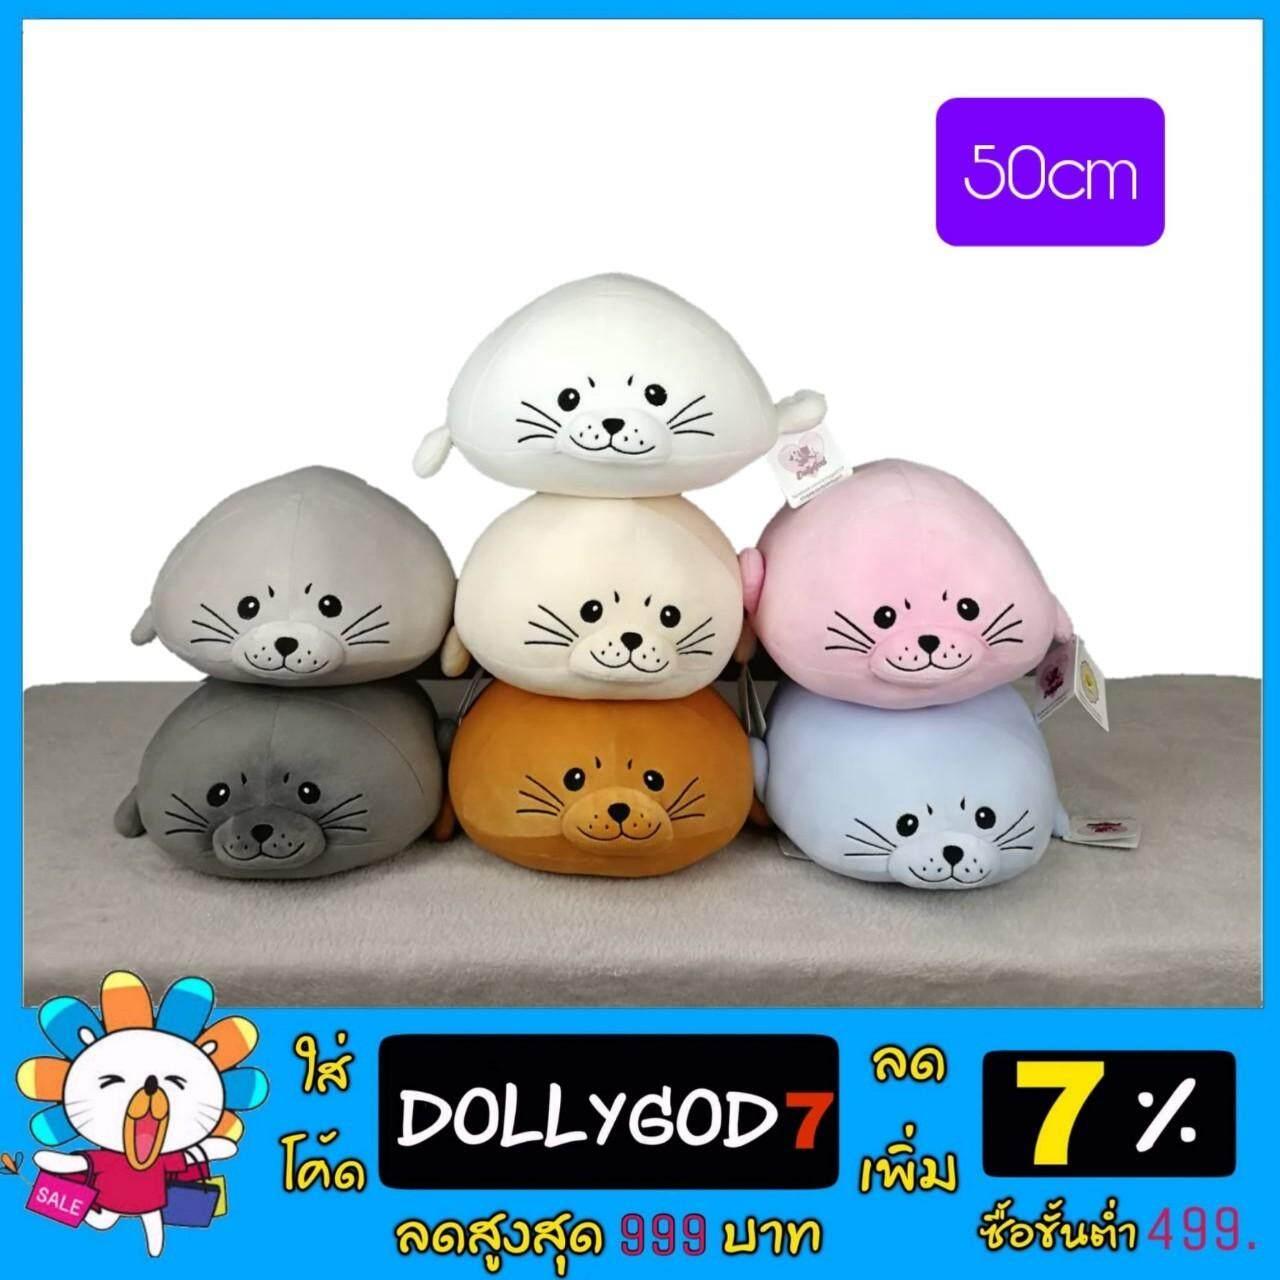 สุดยอดสินค้า!! ตุ๊กตาแมวน้ำอุ๋ง ๆ 50 cm (วิธีวัดดูรูปสุดท้ายจ้า) มีให้เลือก 7 สี ผ้านุ่ม นุ่มมาก ใยเด้ง จัดส่งโดย Kerry  มีบริการเก็บเงินปลายทาง ราคาถูกมาก สินค้าแท้ mini seal plushdolls dollygod